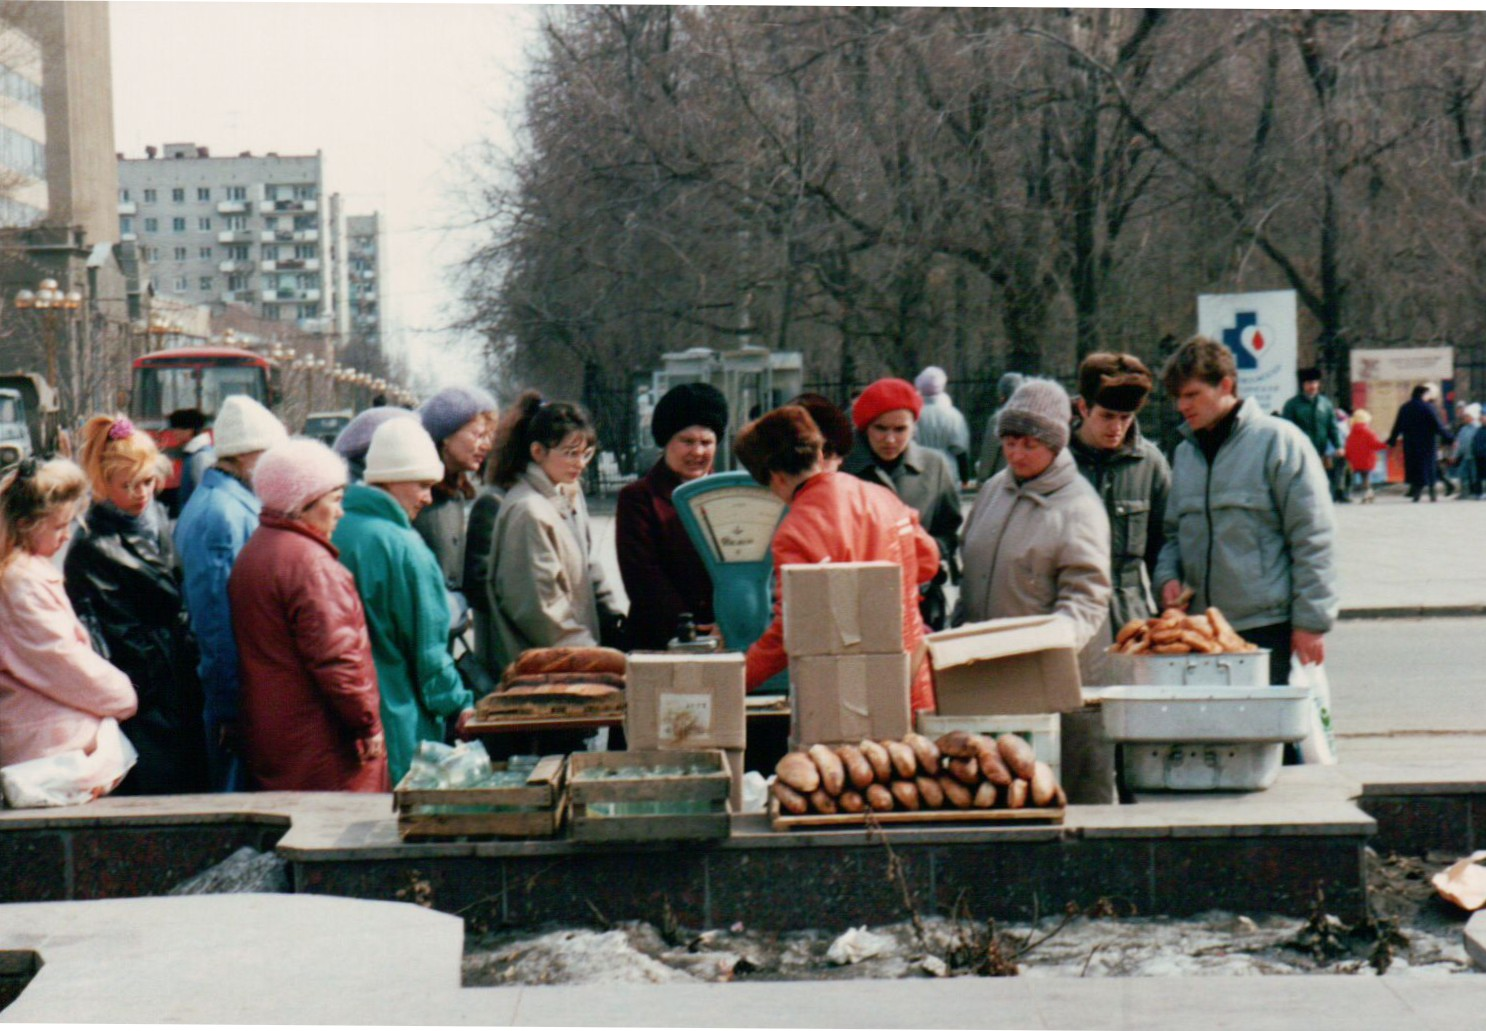 Der Handel trieb überall wilde Blüten – monatelang ohne Lohn, wurden die Menschen zu Gewerbetreibenden / Foto © Brian Kelley/flickr.com, 1992